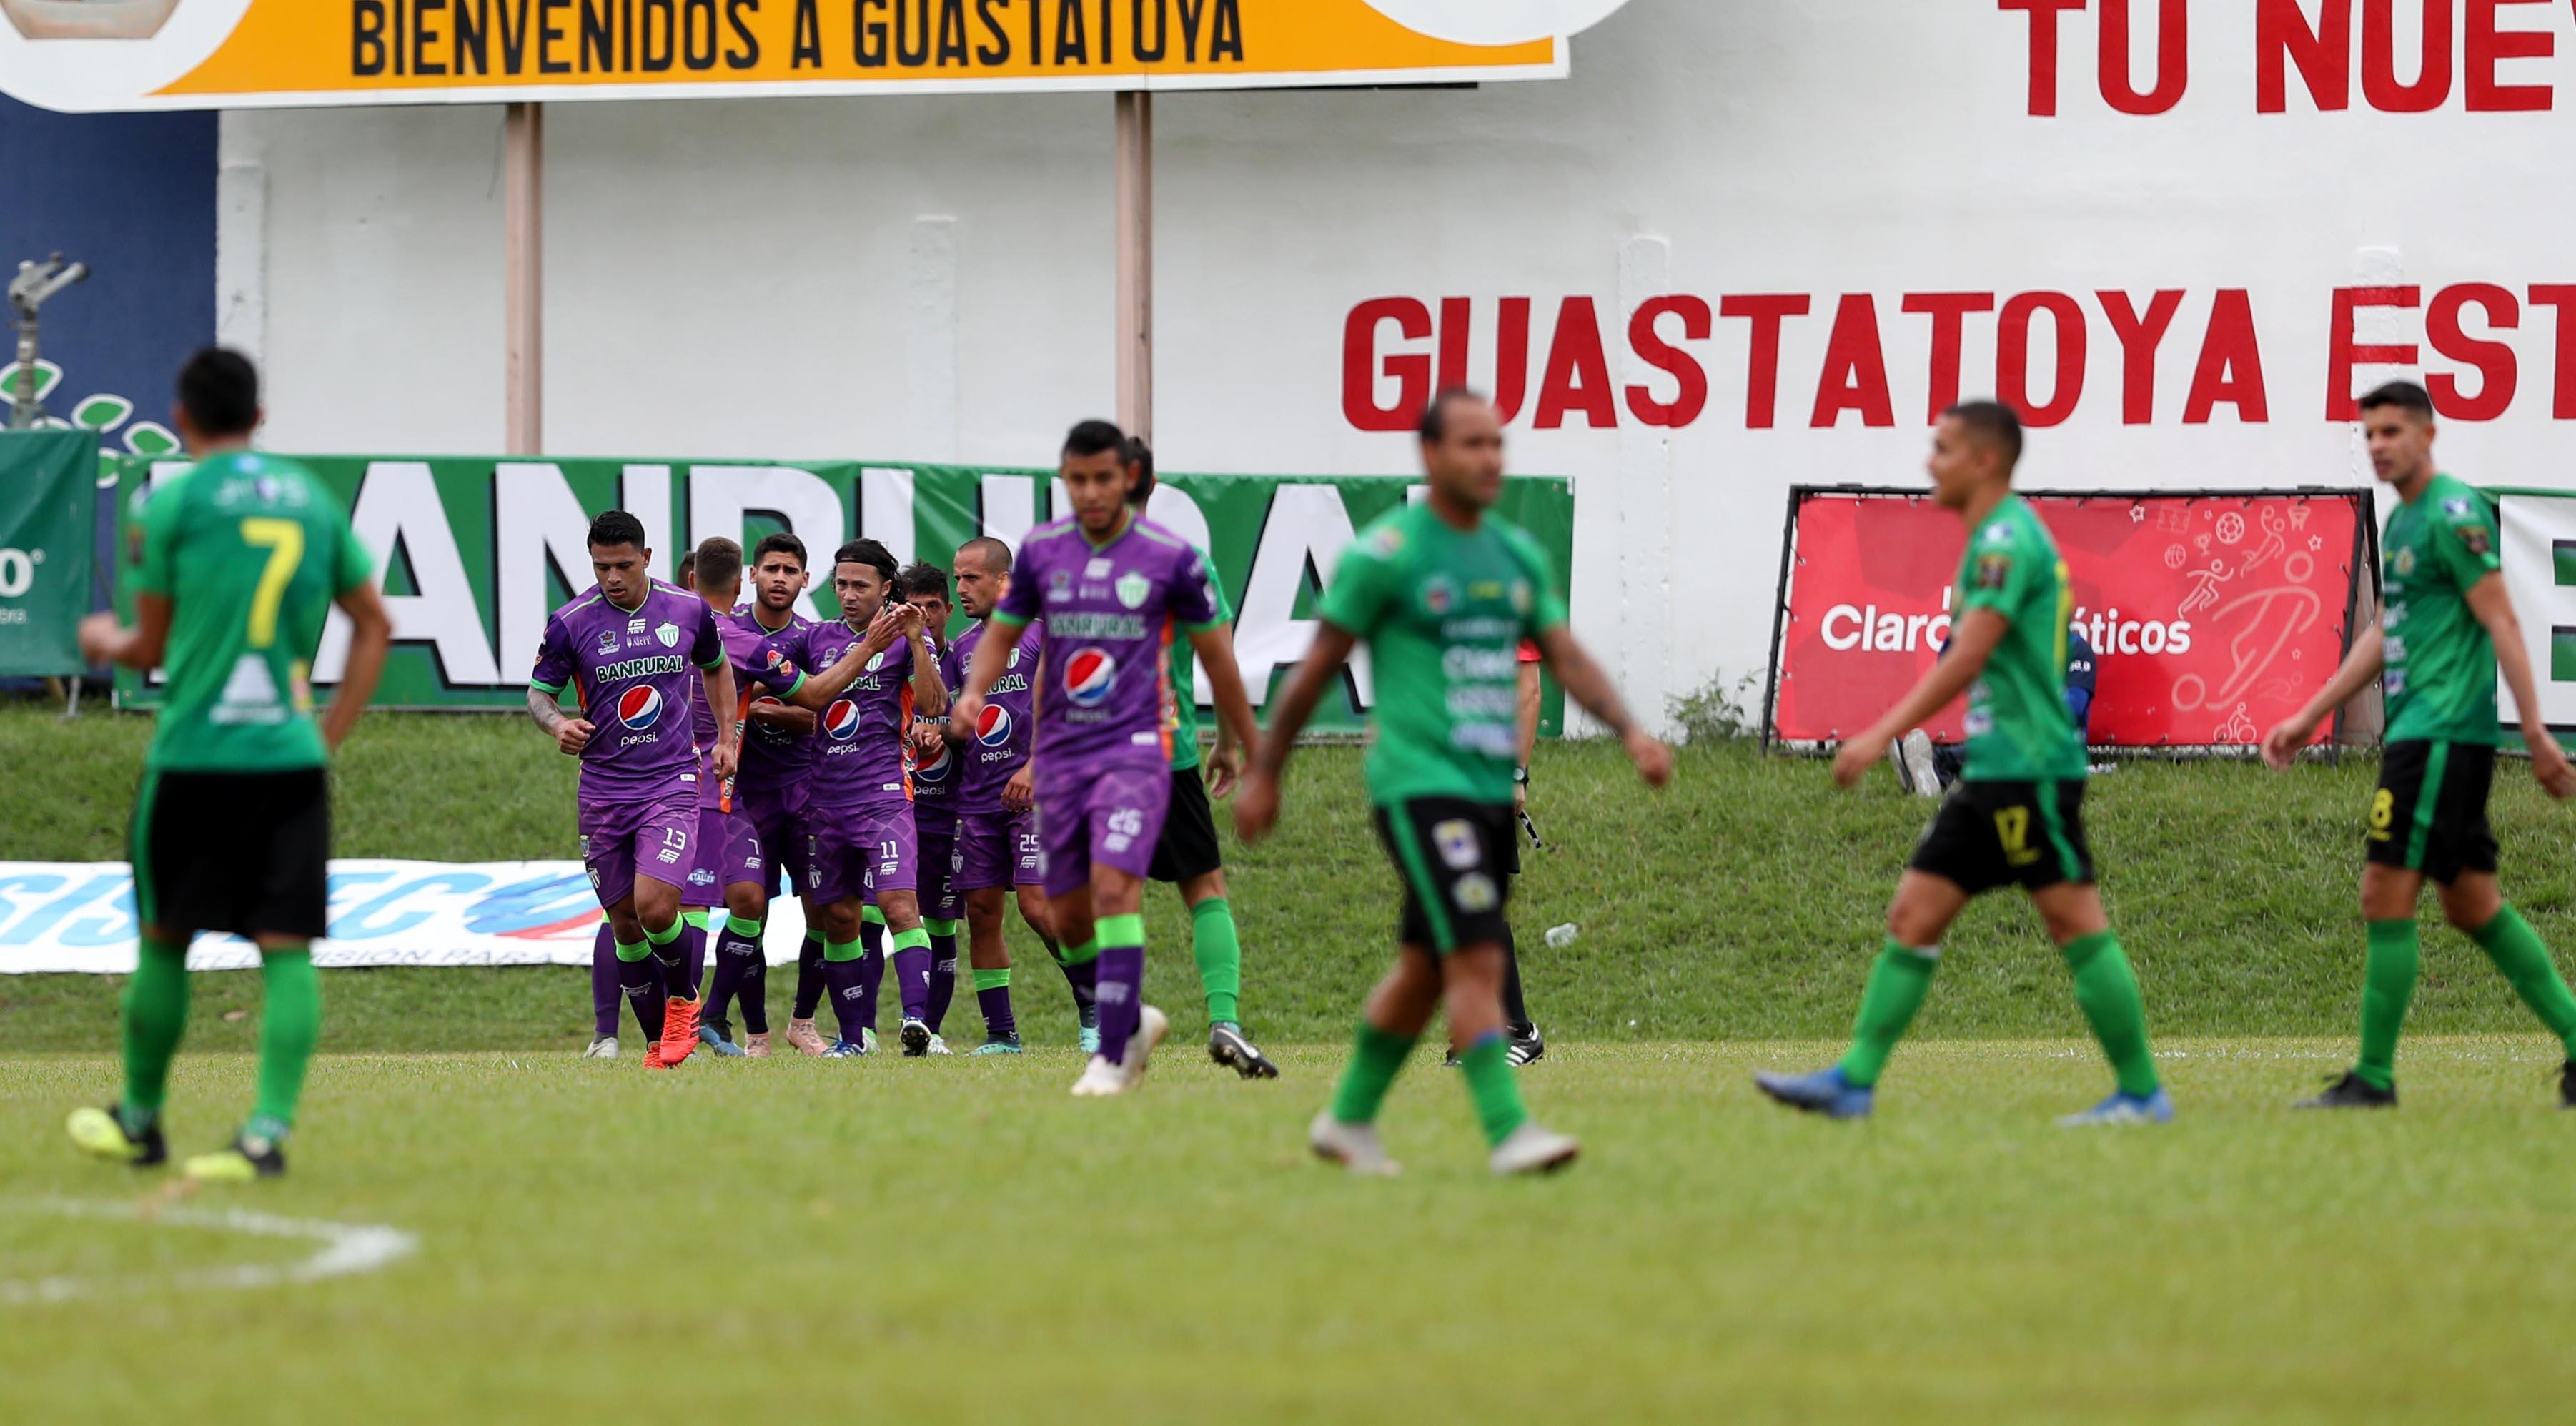 Los jugadores de Antigua GFC celebraron en la casa de Guastatoya. (Foto Prensa Libre: Francisco Sánchez)